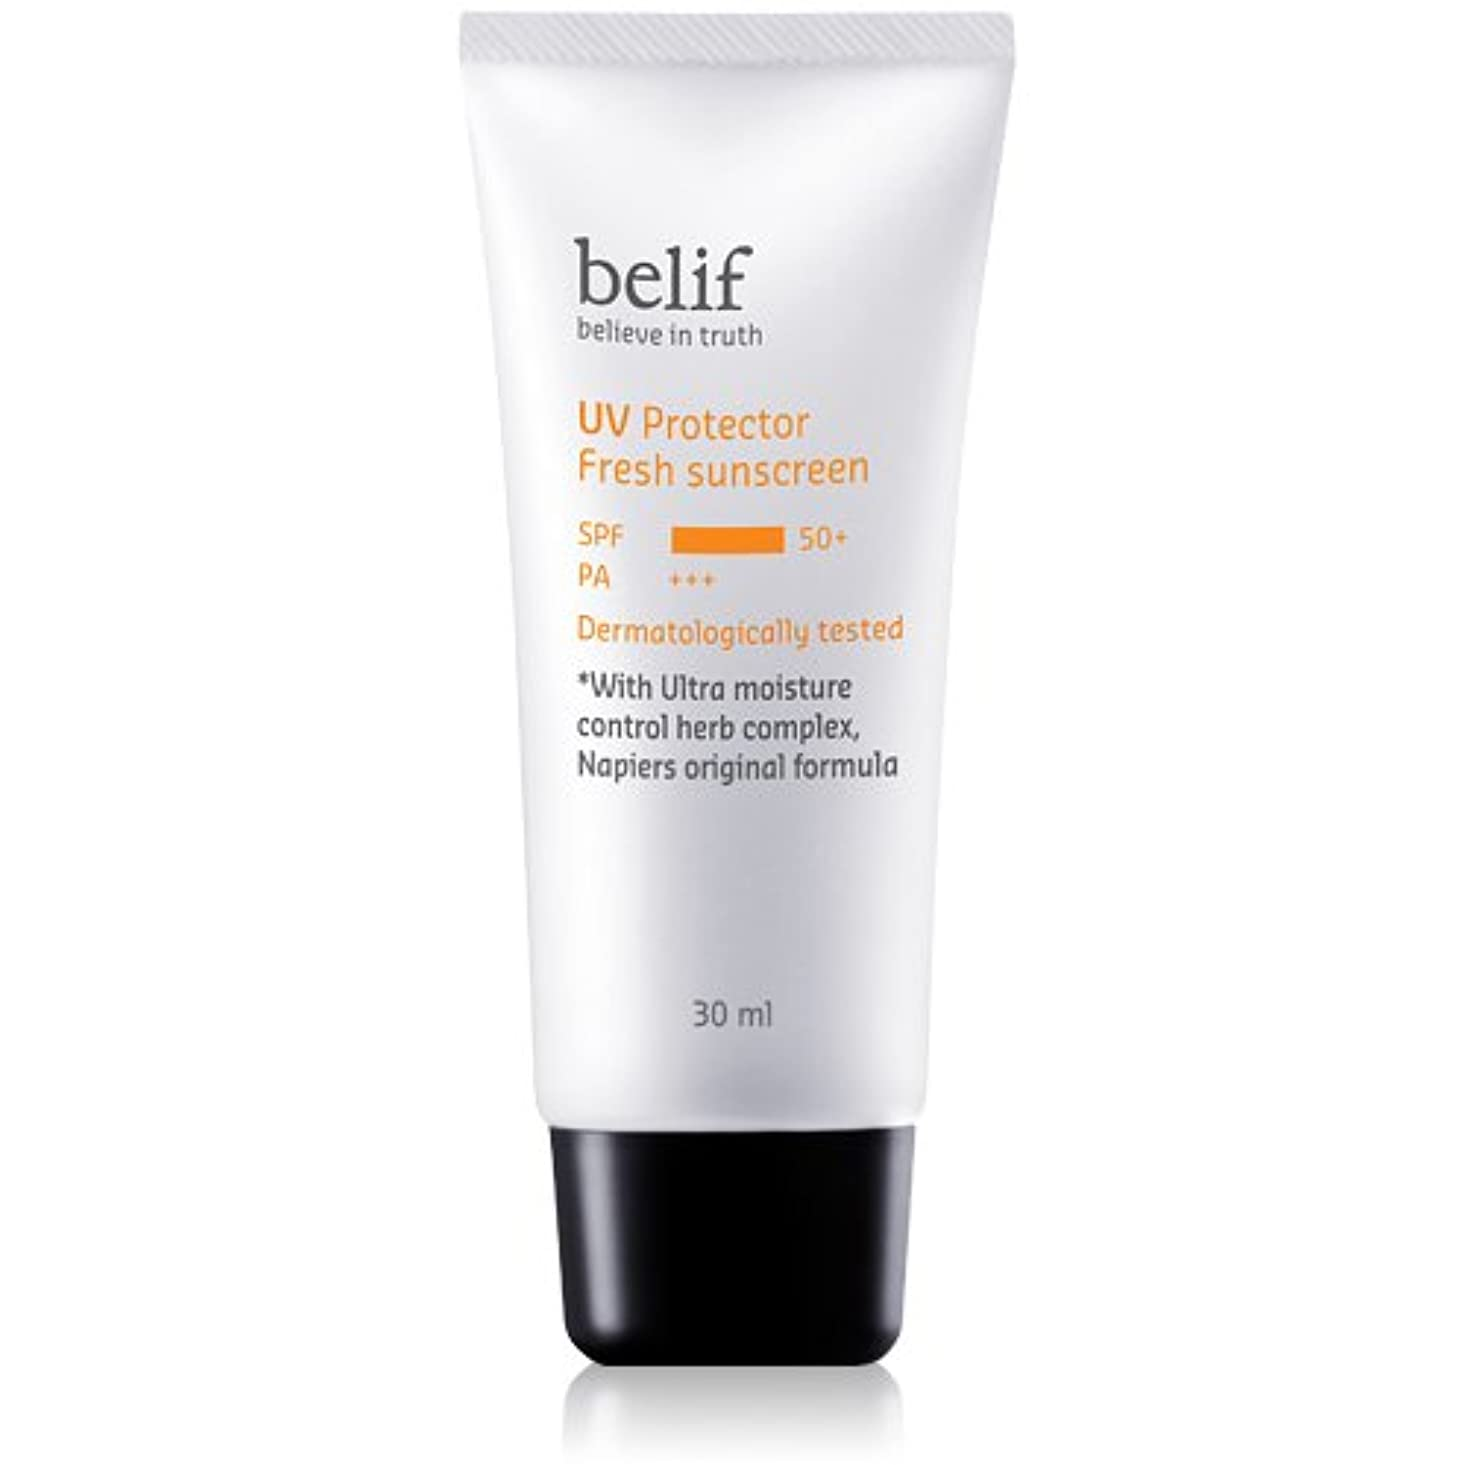 国勢調査目を覚ますいろいろBelif(ビリーフ)UV Protector Fresh sunscreen 30ml/ビリーフUVプロテクターフレッシュサンスクリーン